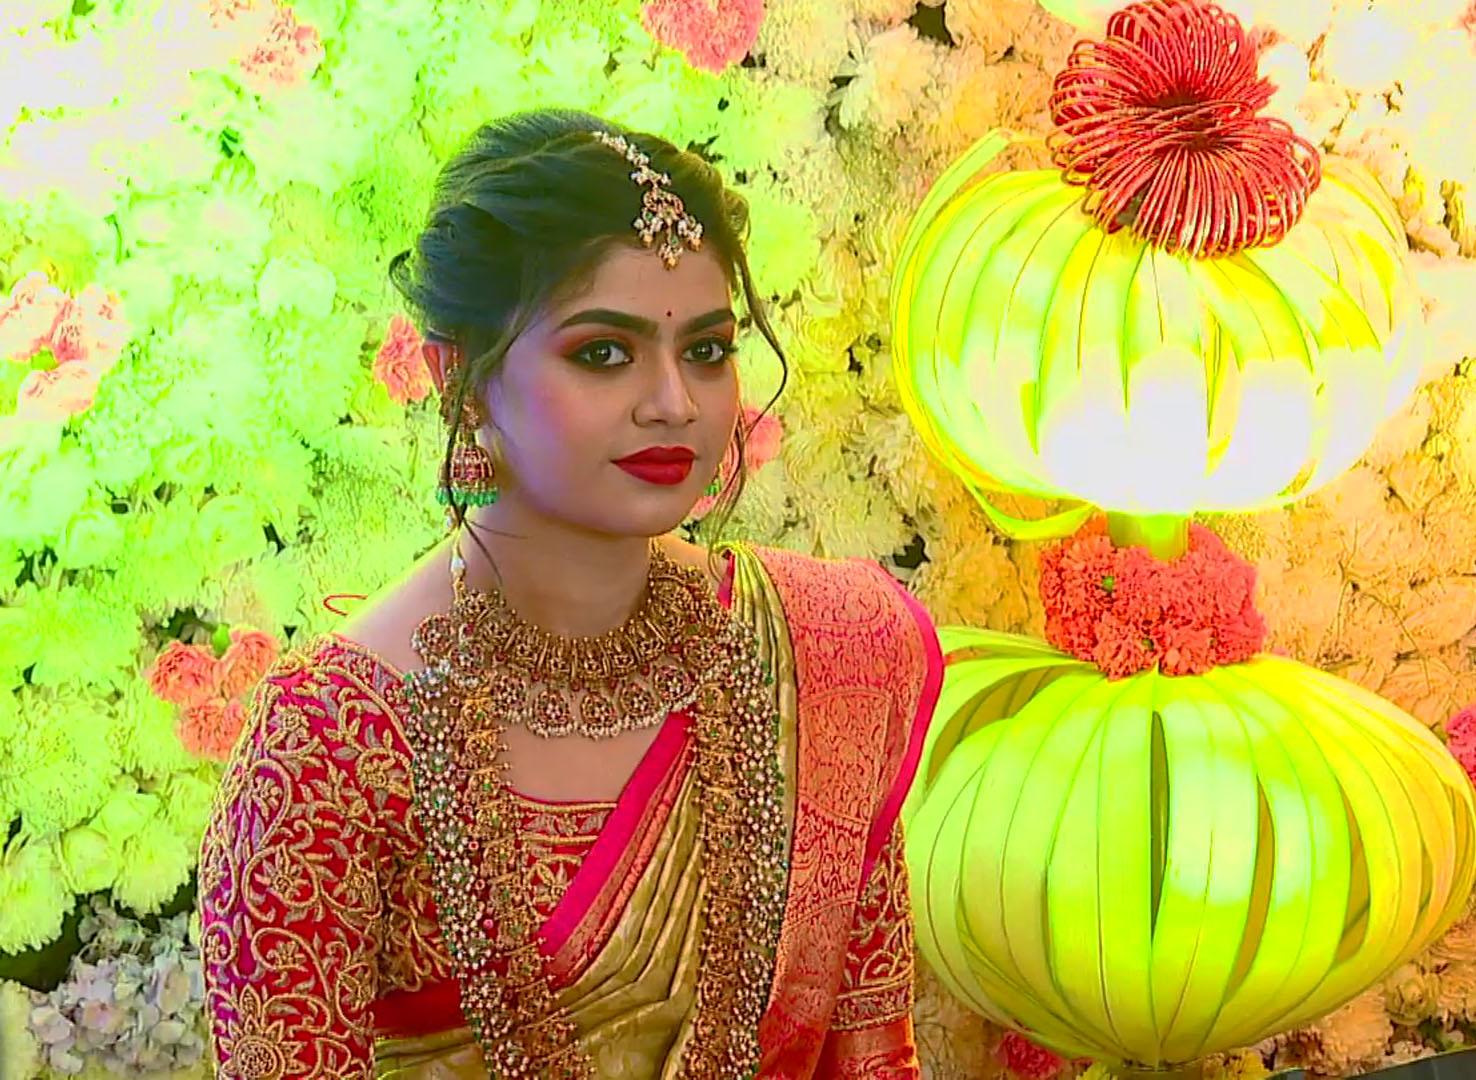 ರಾಮುಲು ಮಗಳ ಭರ್ಜರಿ ಮದುವೆ: ಒಂದಕ್ಕಿಂತಾ ಒಂದು ಸ್ಪೆಷಲ್! | Minister sriramulu  daughter rakshitha marriage preparations in full swing | TV9 Kannada